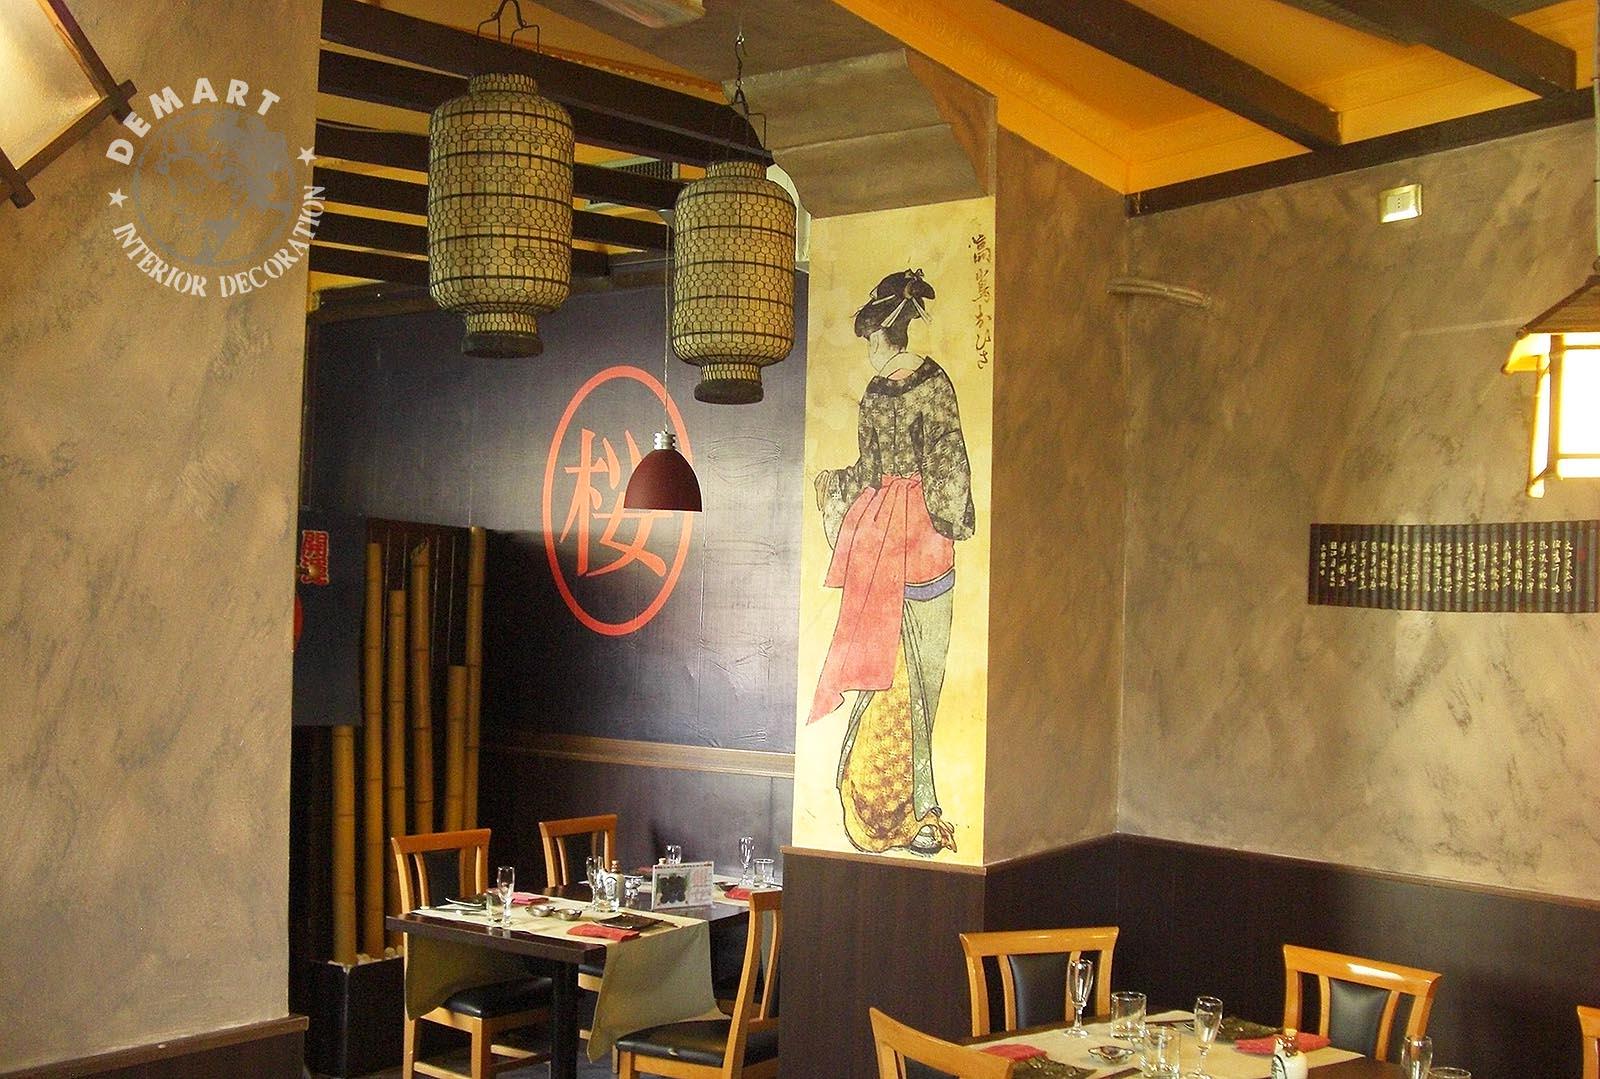 Decorazione pareti interne ristorante giapponese sakura 4 demart interior decoration - Decorazione pareti interne ...